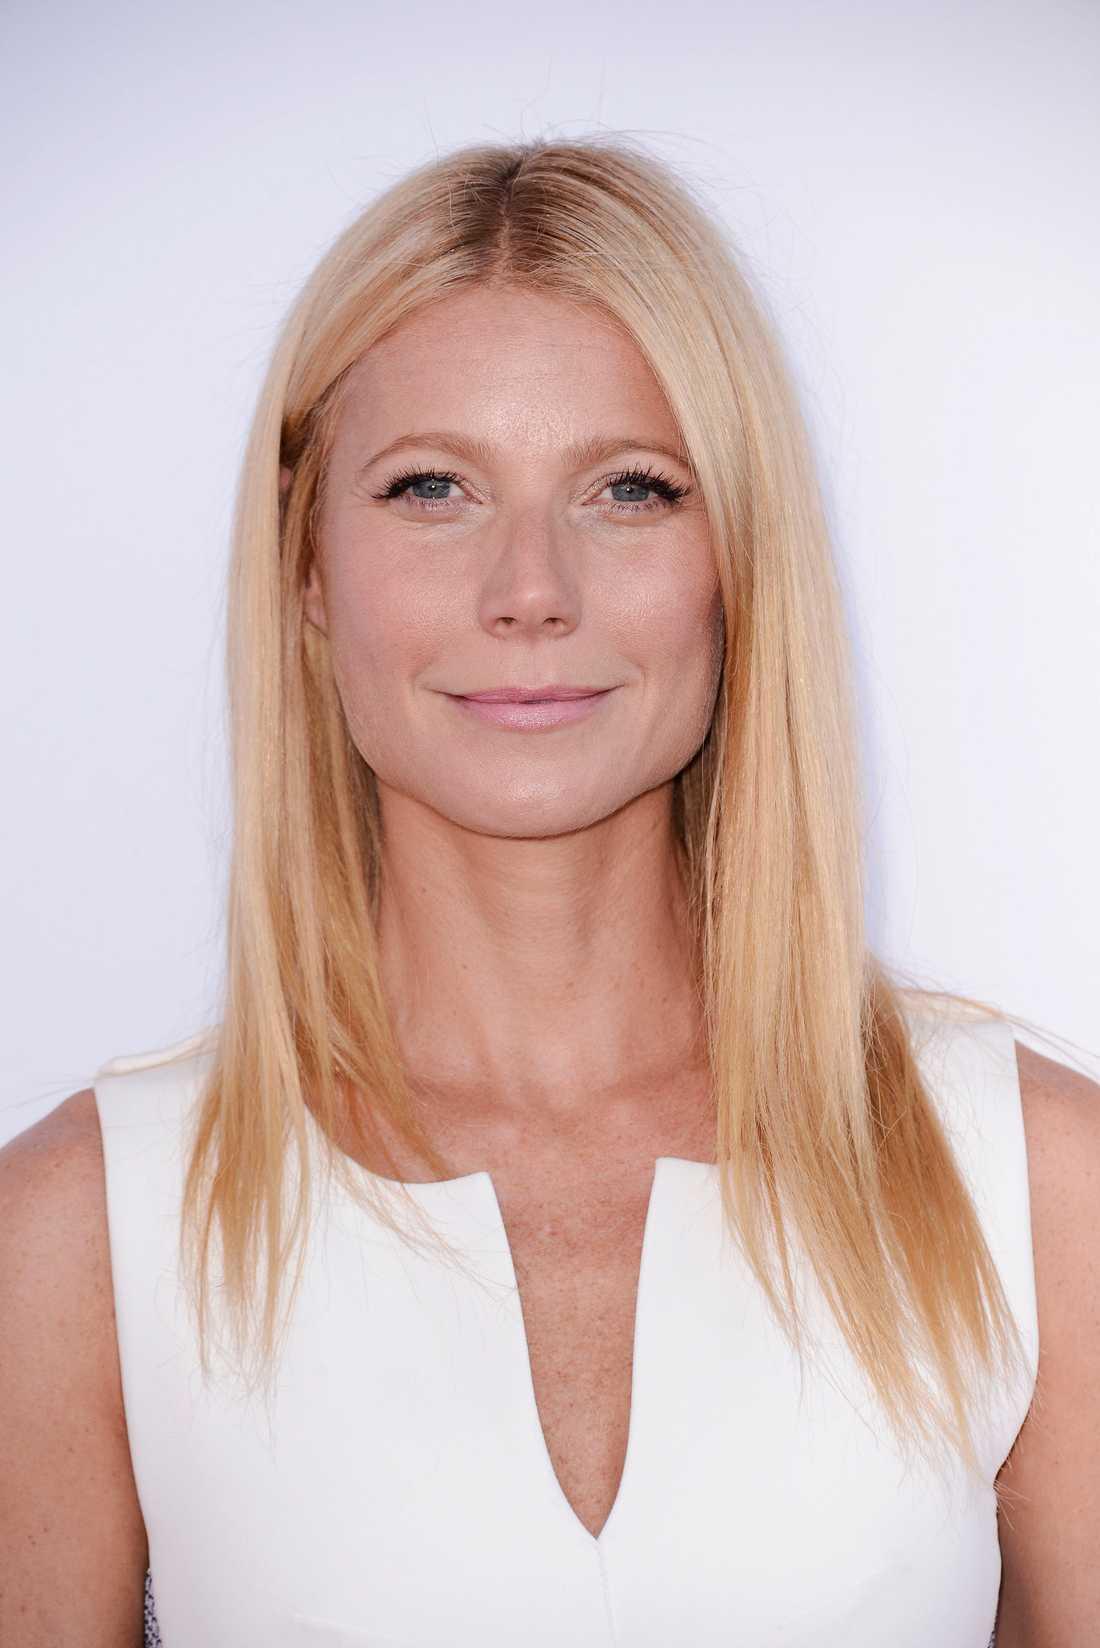 Sörplar som detoxdryck Stjärnan Gwyneth Paltrow  dricker den som utrensande detoxdryck…